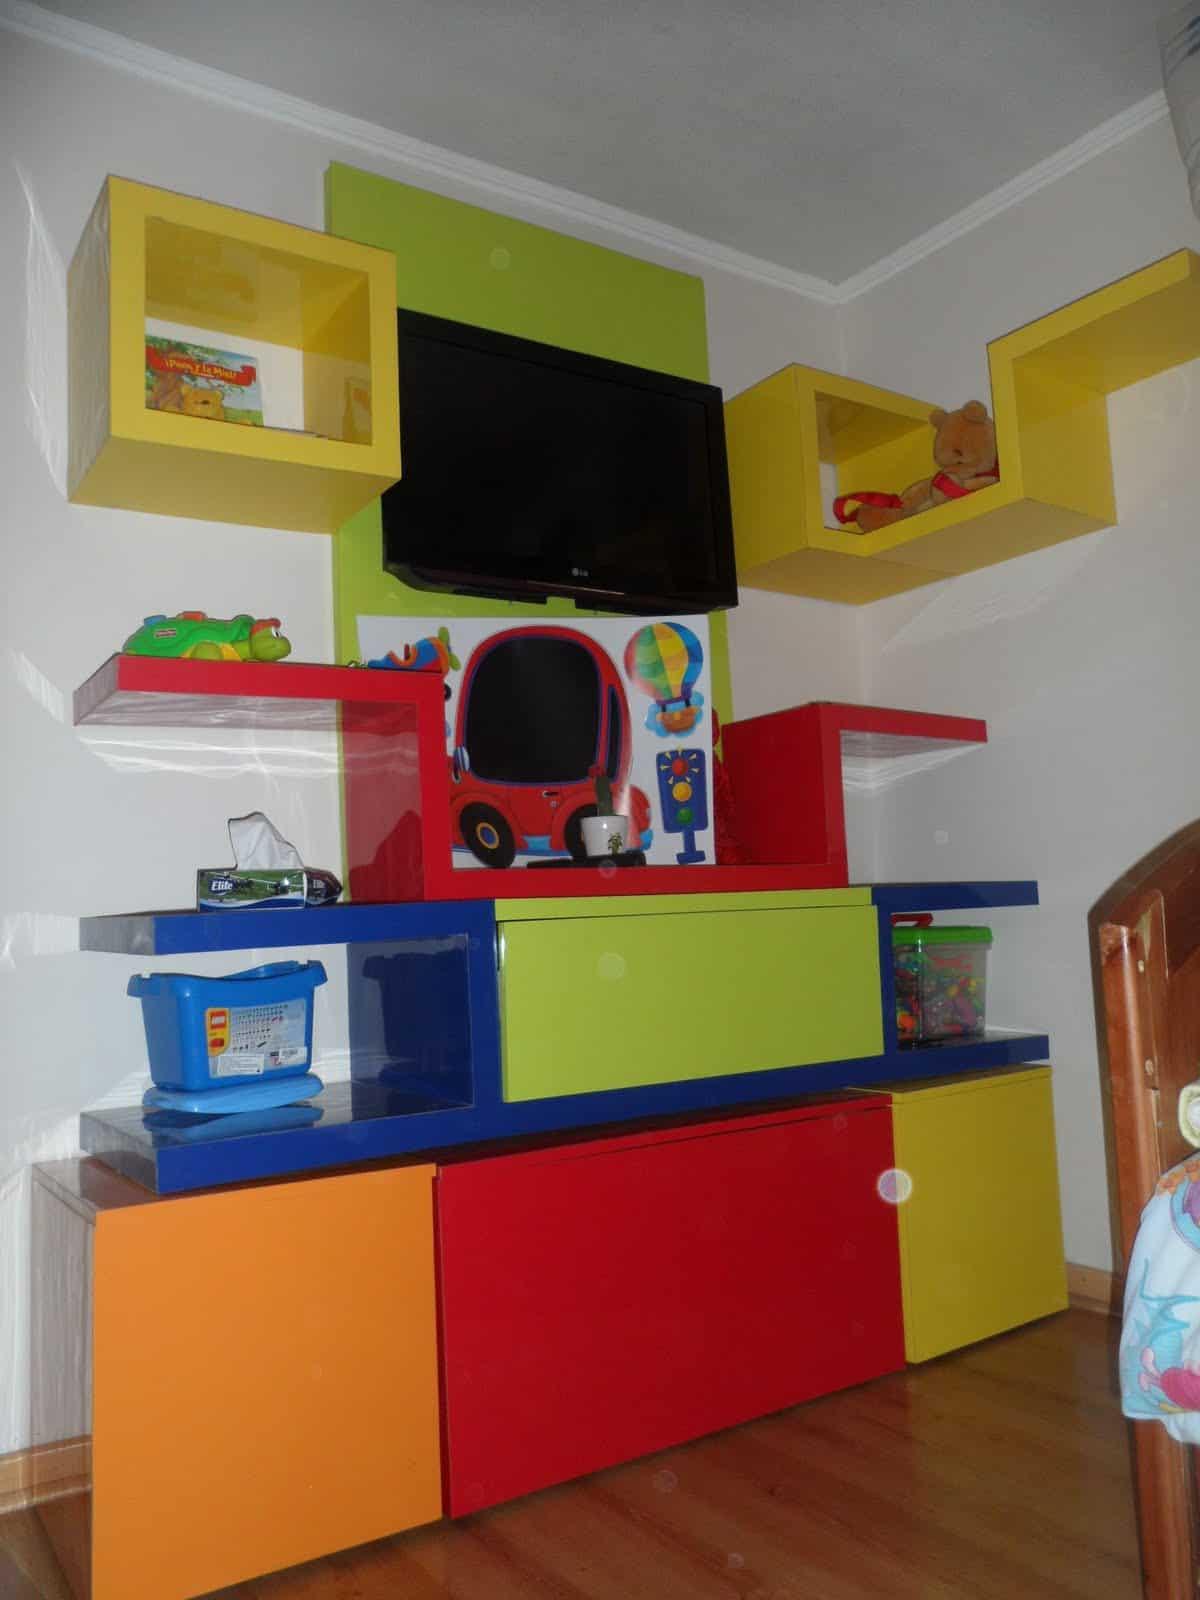 Muebles Para Juguetes Infantiles Cocinitas Hechas Con Muebles  # Muebles Funcionales Para Ninos